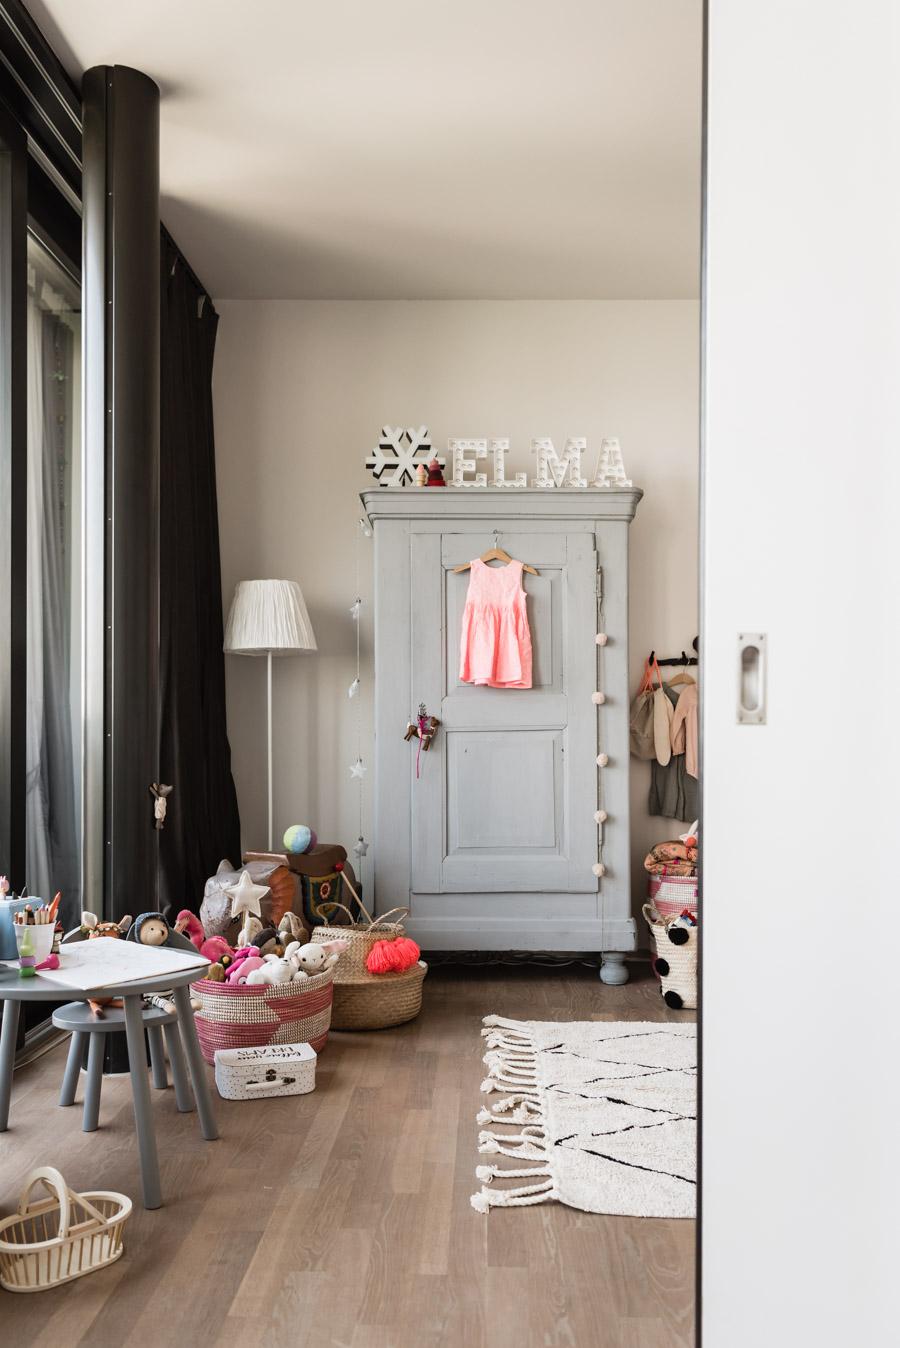 Kinderzimmer einrichten: So zaubert ihr einen eklektischen Look ins Kinderzimmer #kinderzimmer #kinderzimmerdeko #kinderzimmerinsp #kidsroom #girlsroom #nursery